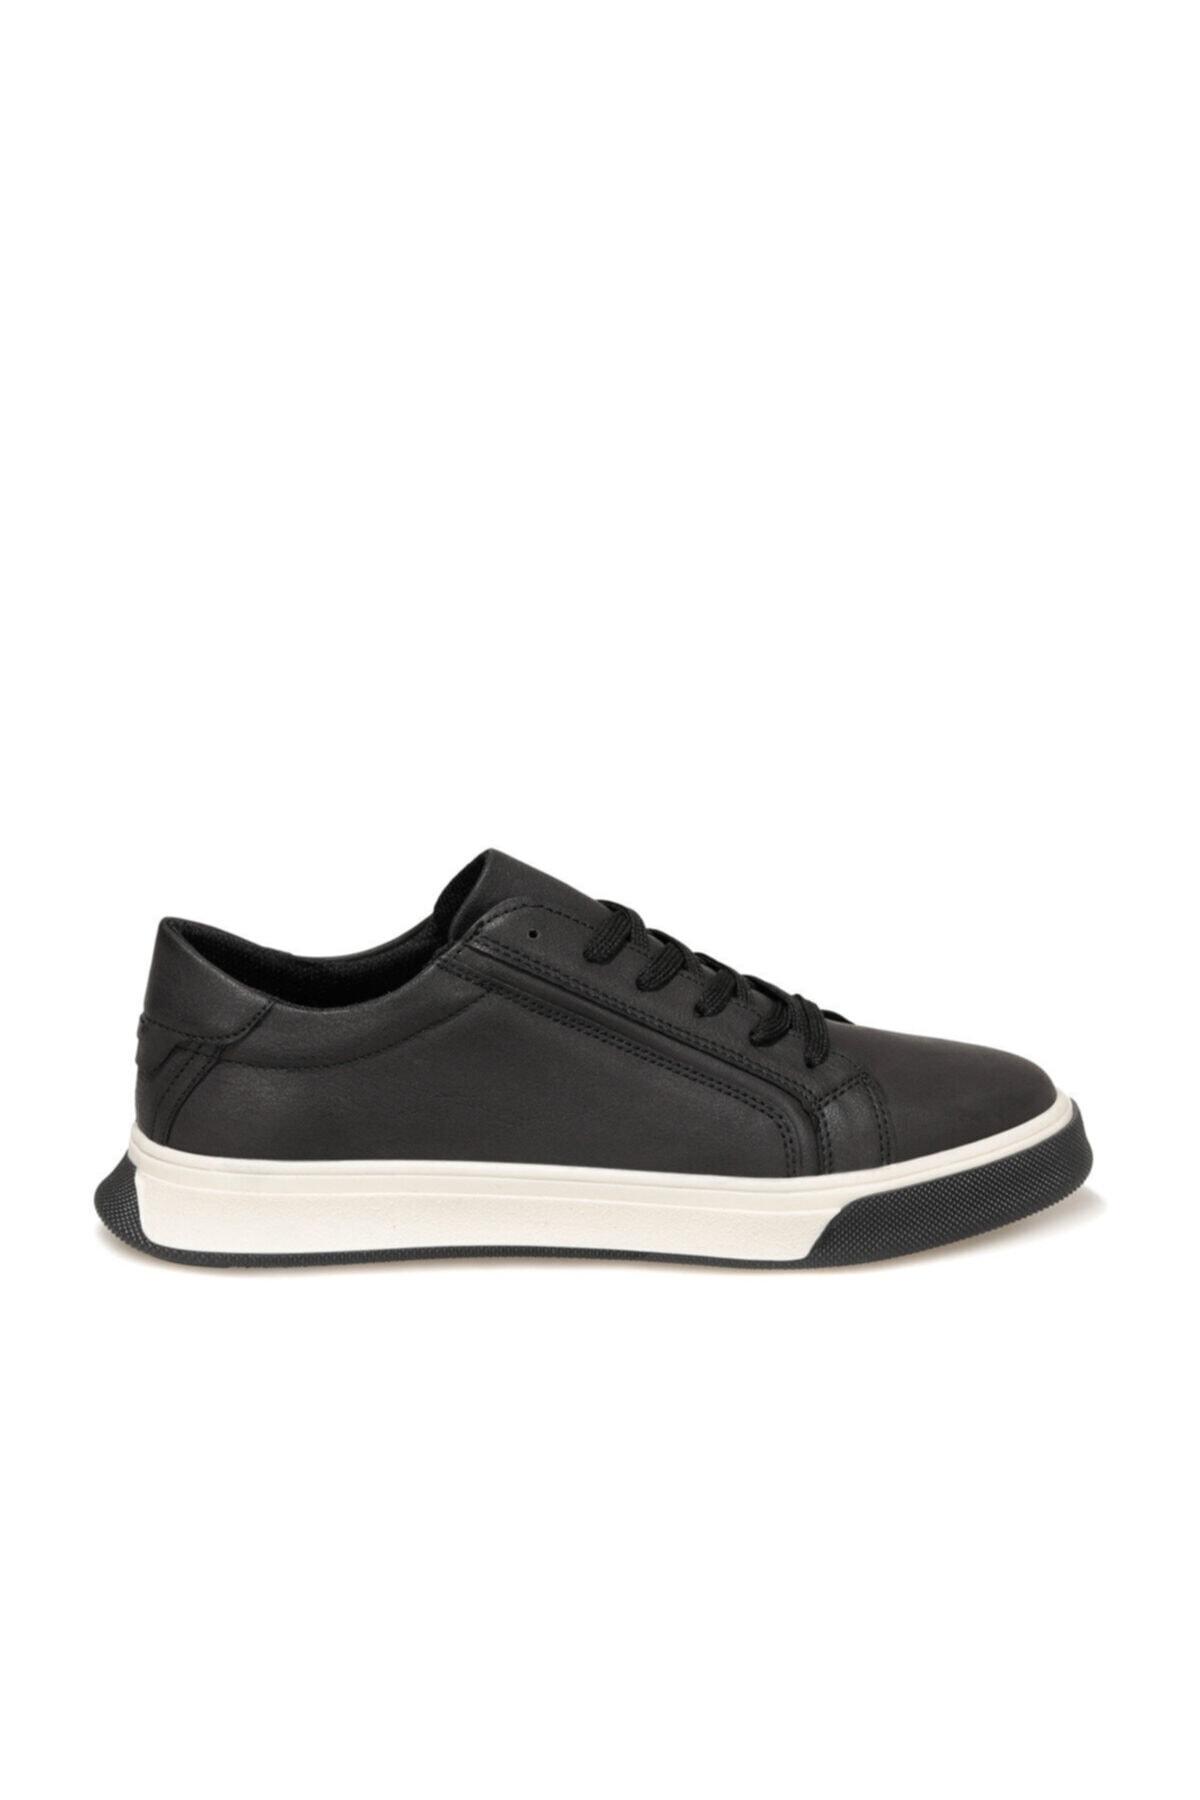 FORESTER 9104 1FX Siyah Erkek Kalın Tabanlı Sneaker 100909439 2